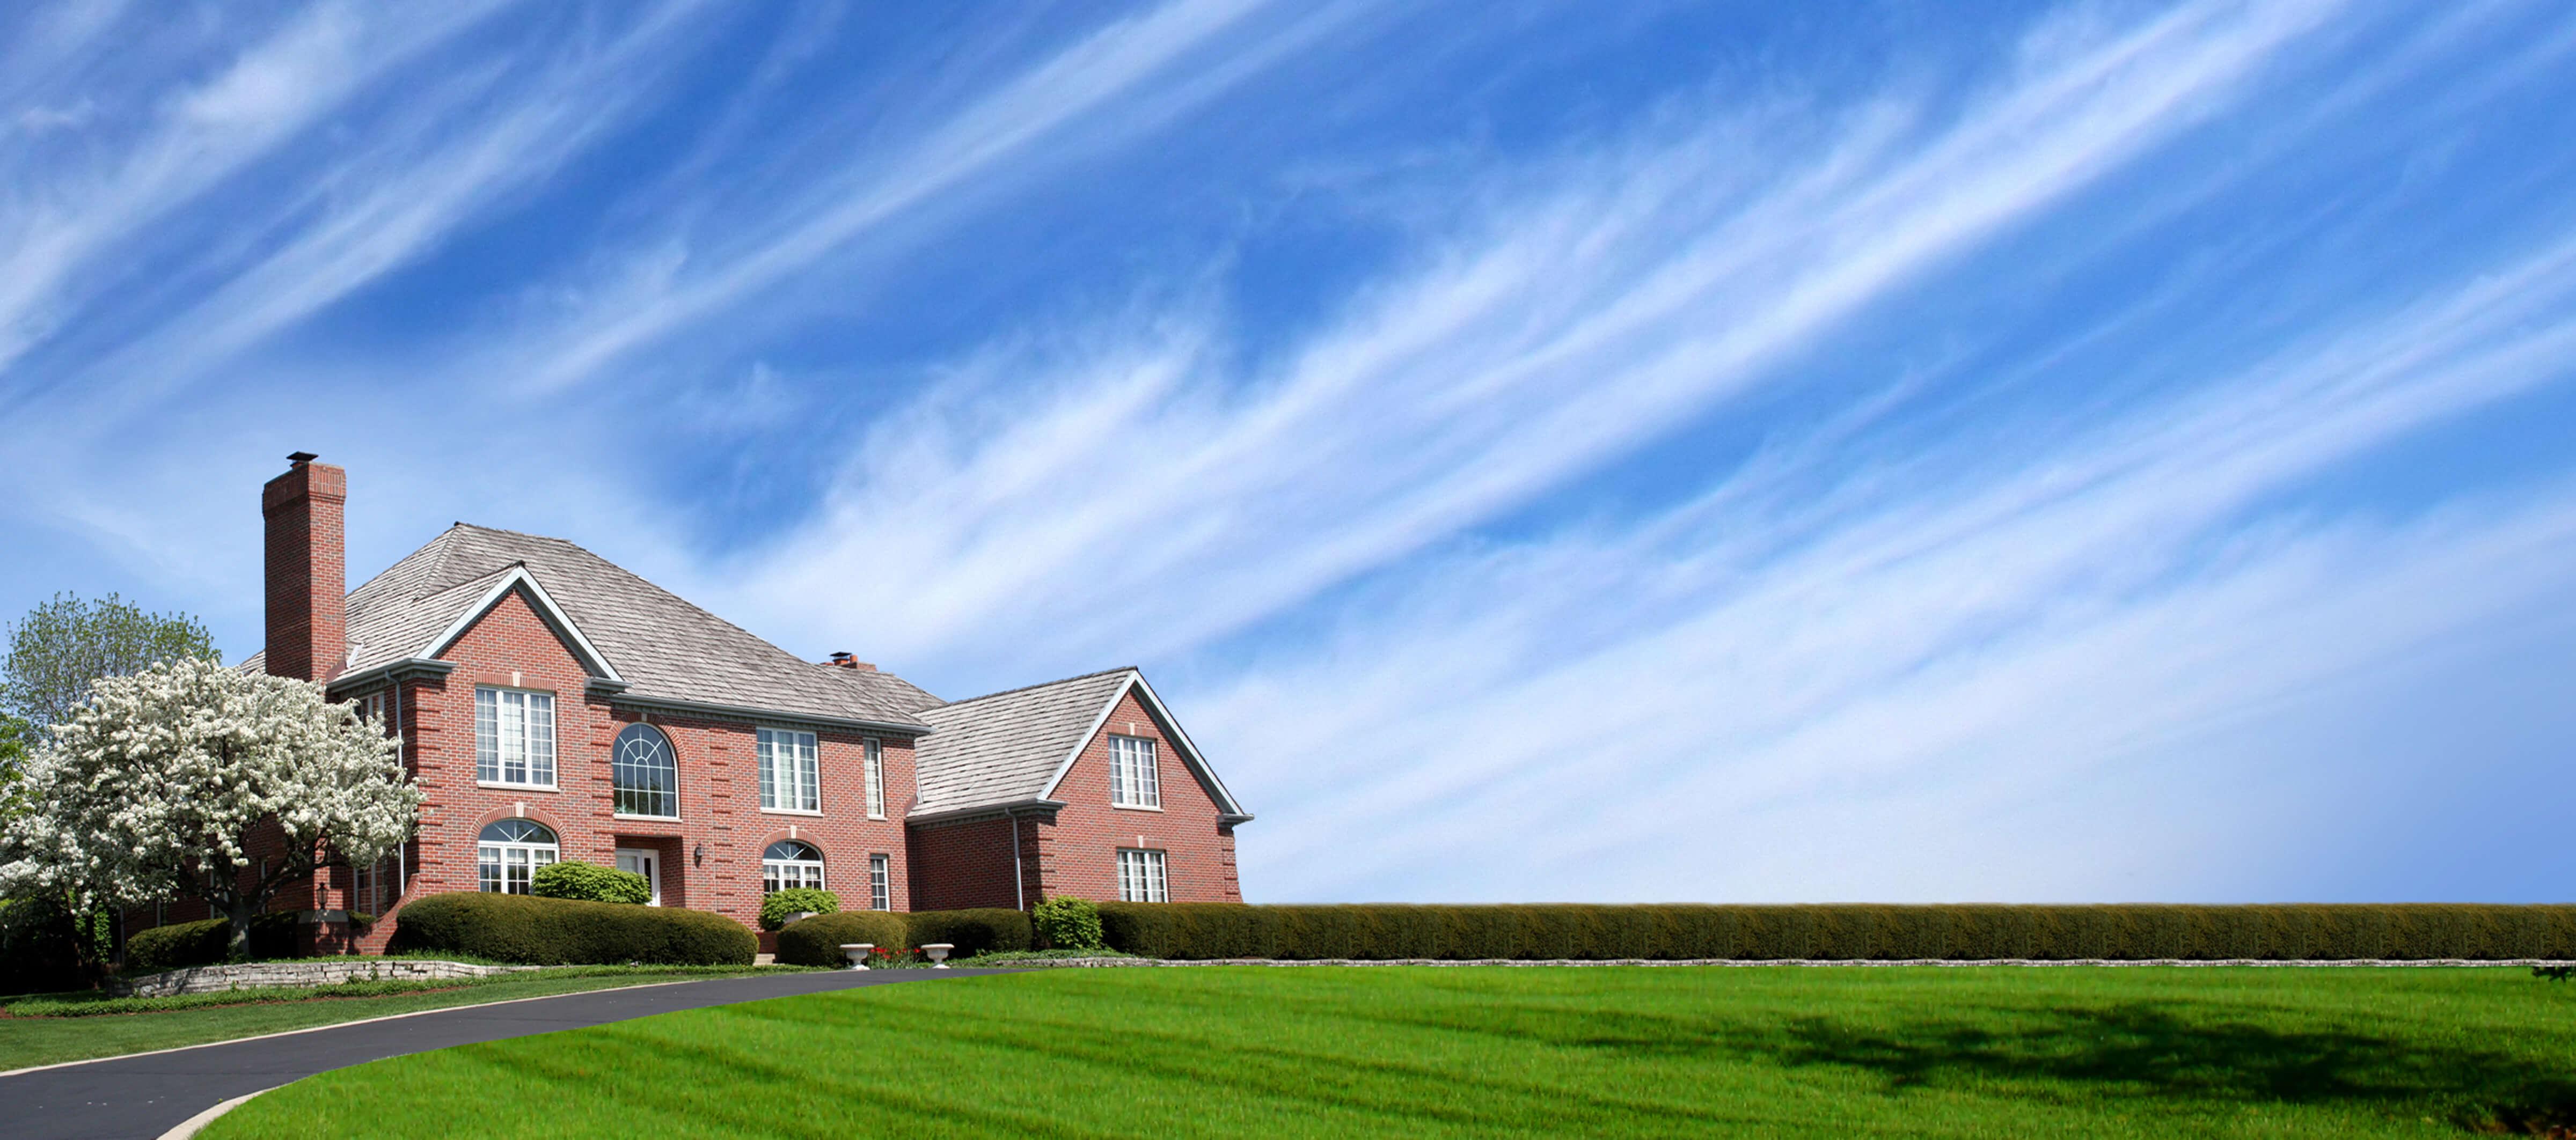 Huis kopen zonder hypotheek maar met eigen middelen hoe for Huiskopen nl